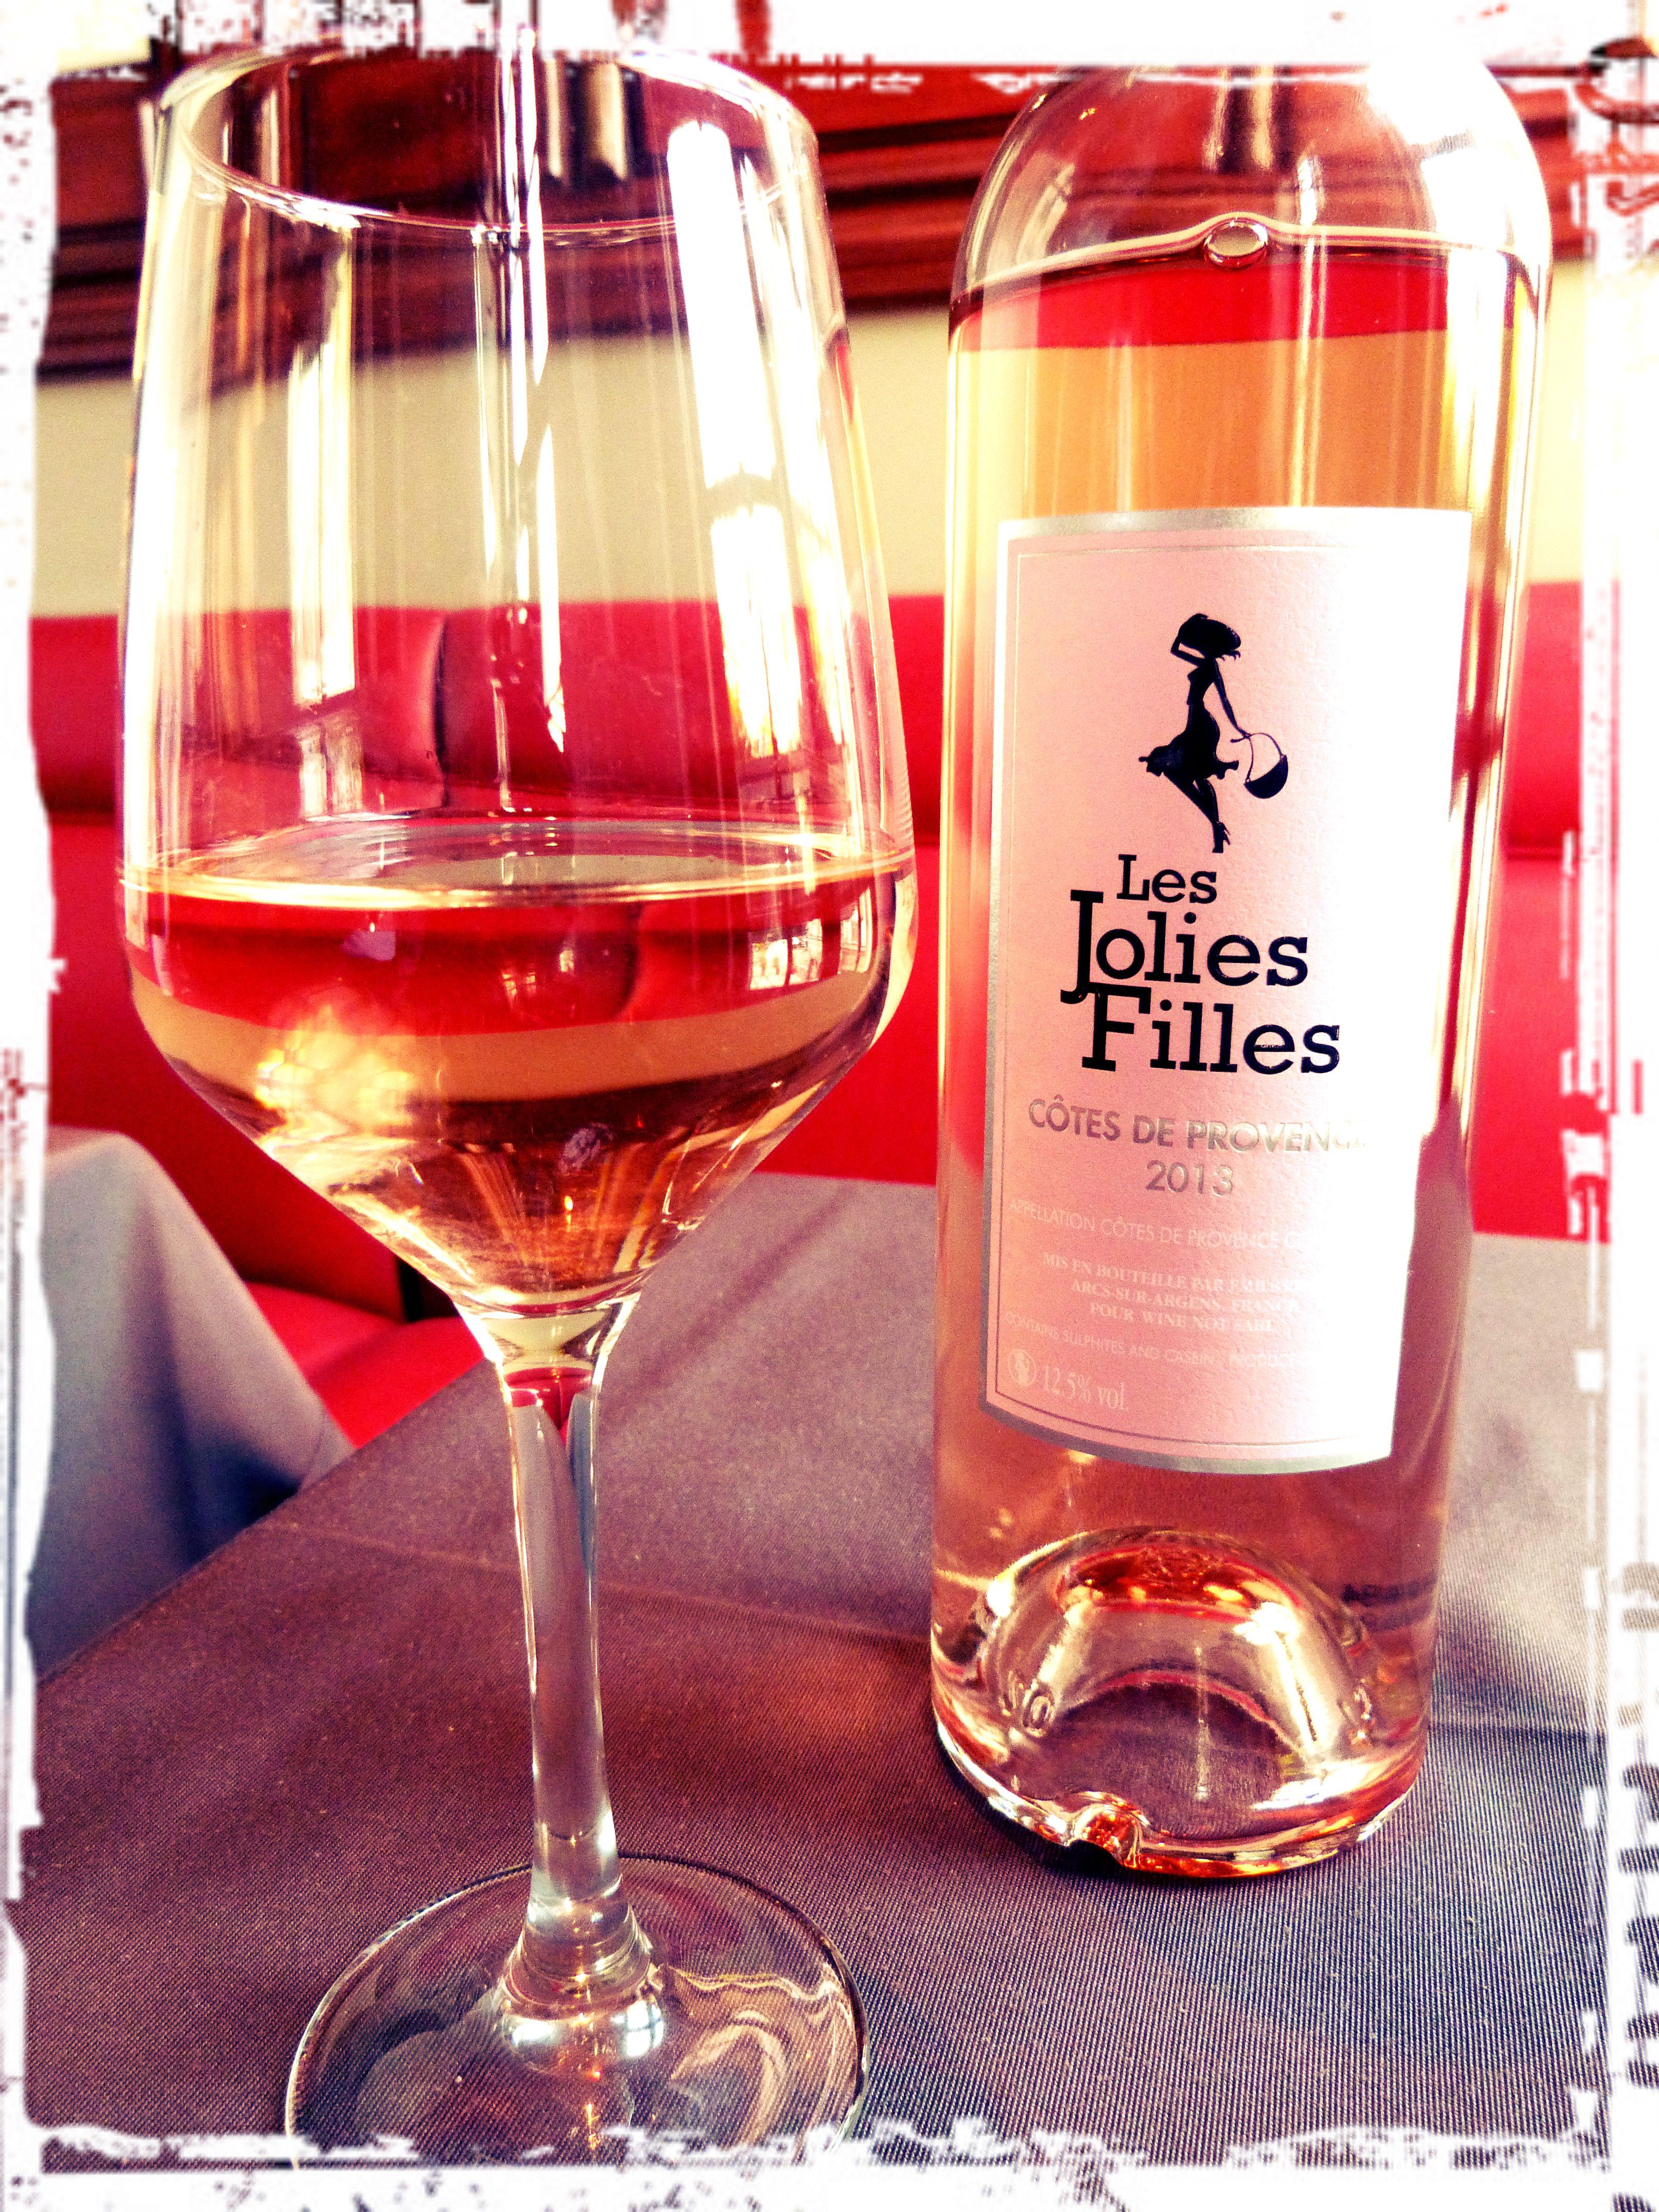 Pin By Naty On Les Jolies Filles Wine Bottle Rose Wine Bottle Wine